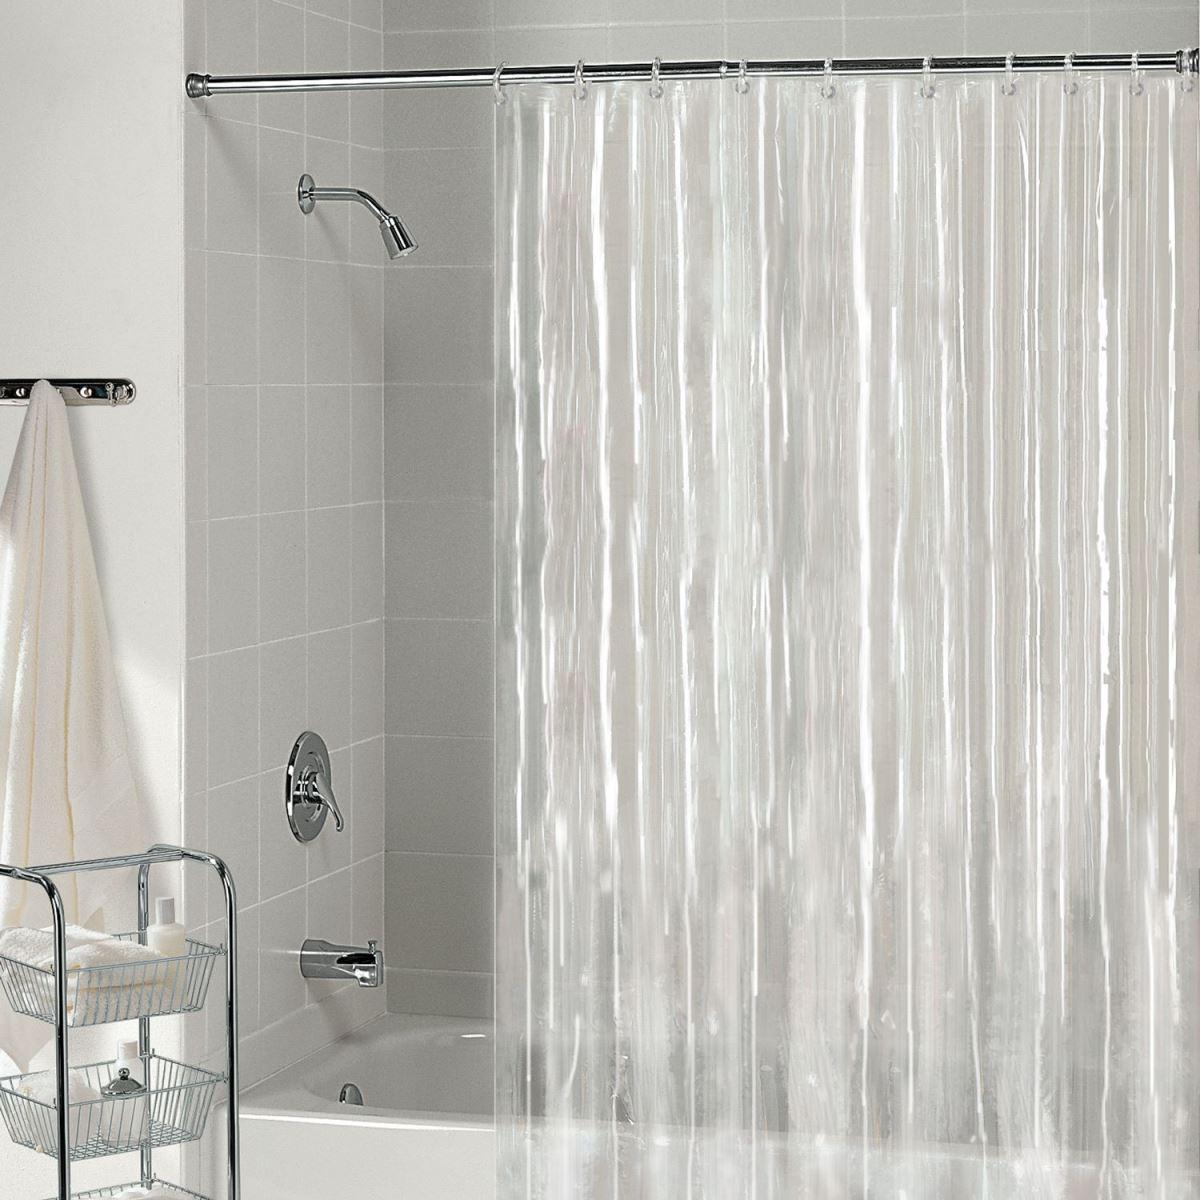 Chọn rèm nhà tắm khả năng chịu ẩm cao